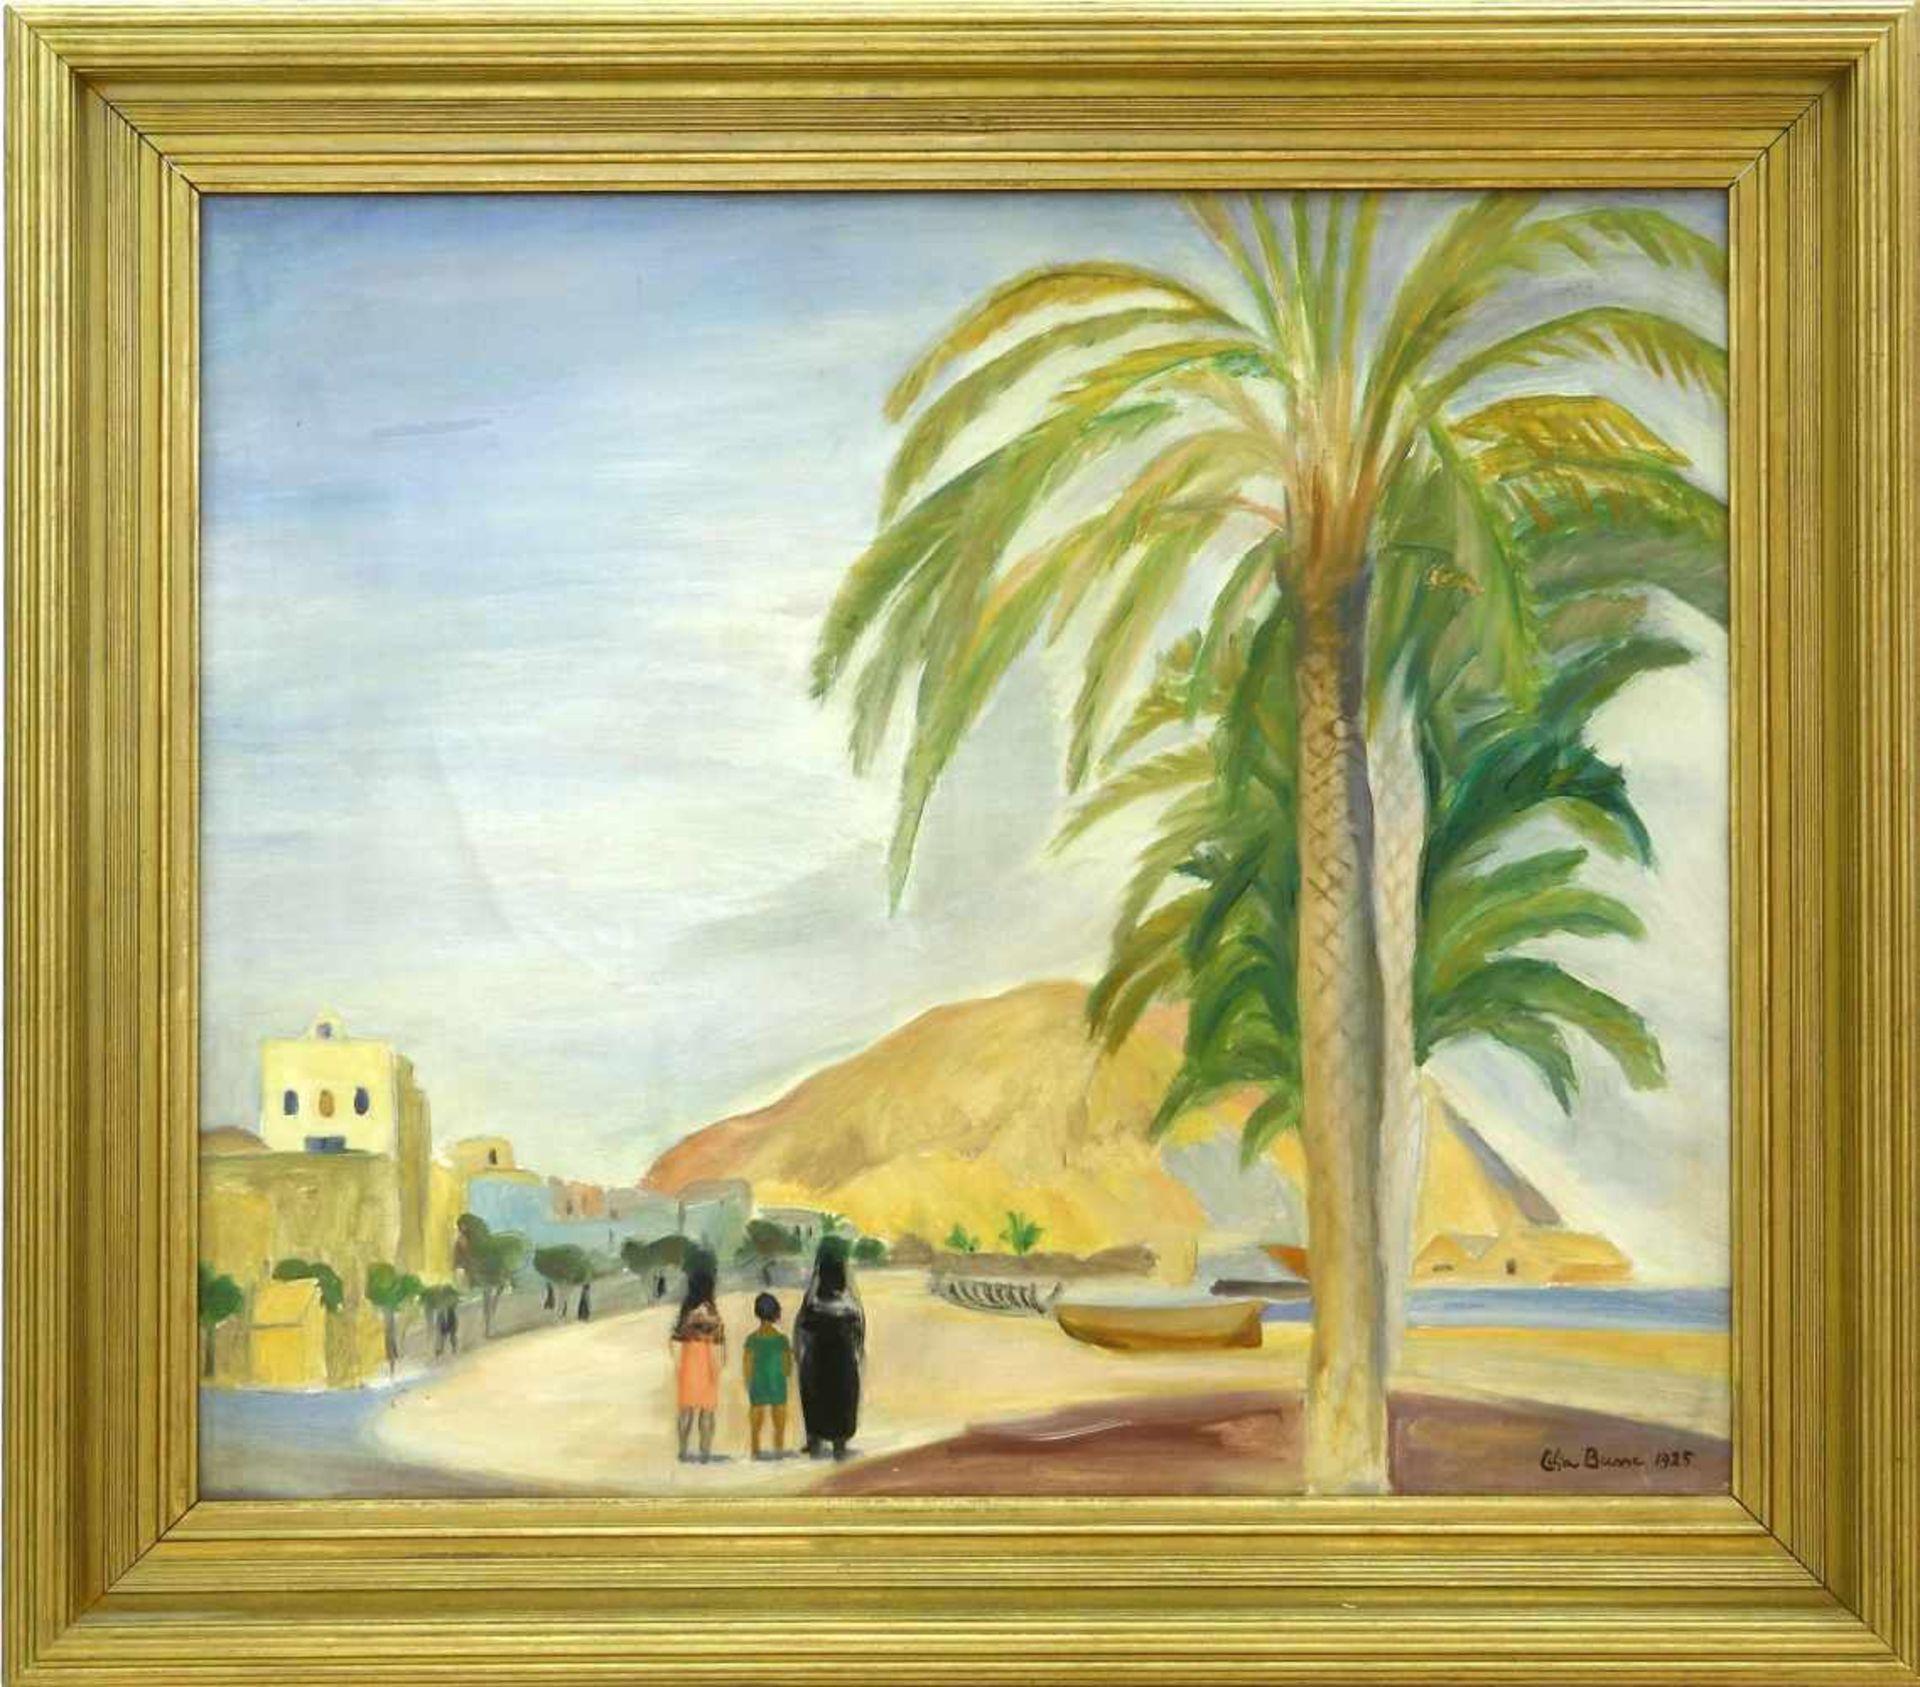 """Busse, Lilja (1897 Moskau - 1958 Berlin)Alicante. 1925. Aus dem Zyklus """"Spanien"""". Öl auf Leinwand. - Bild 2 aus 3"""